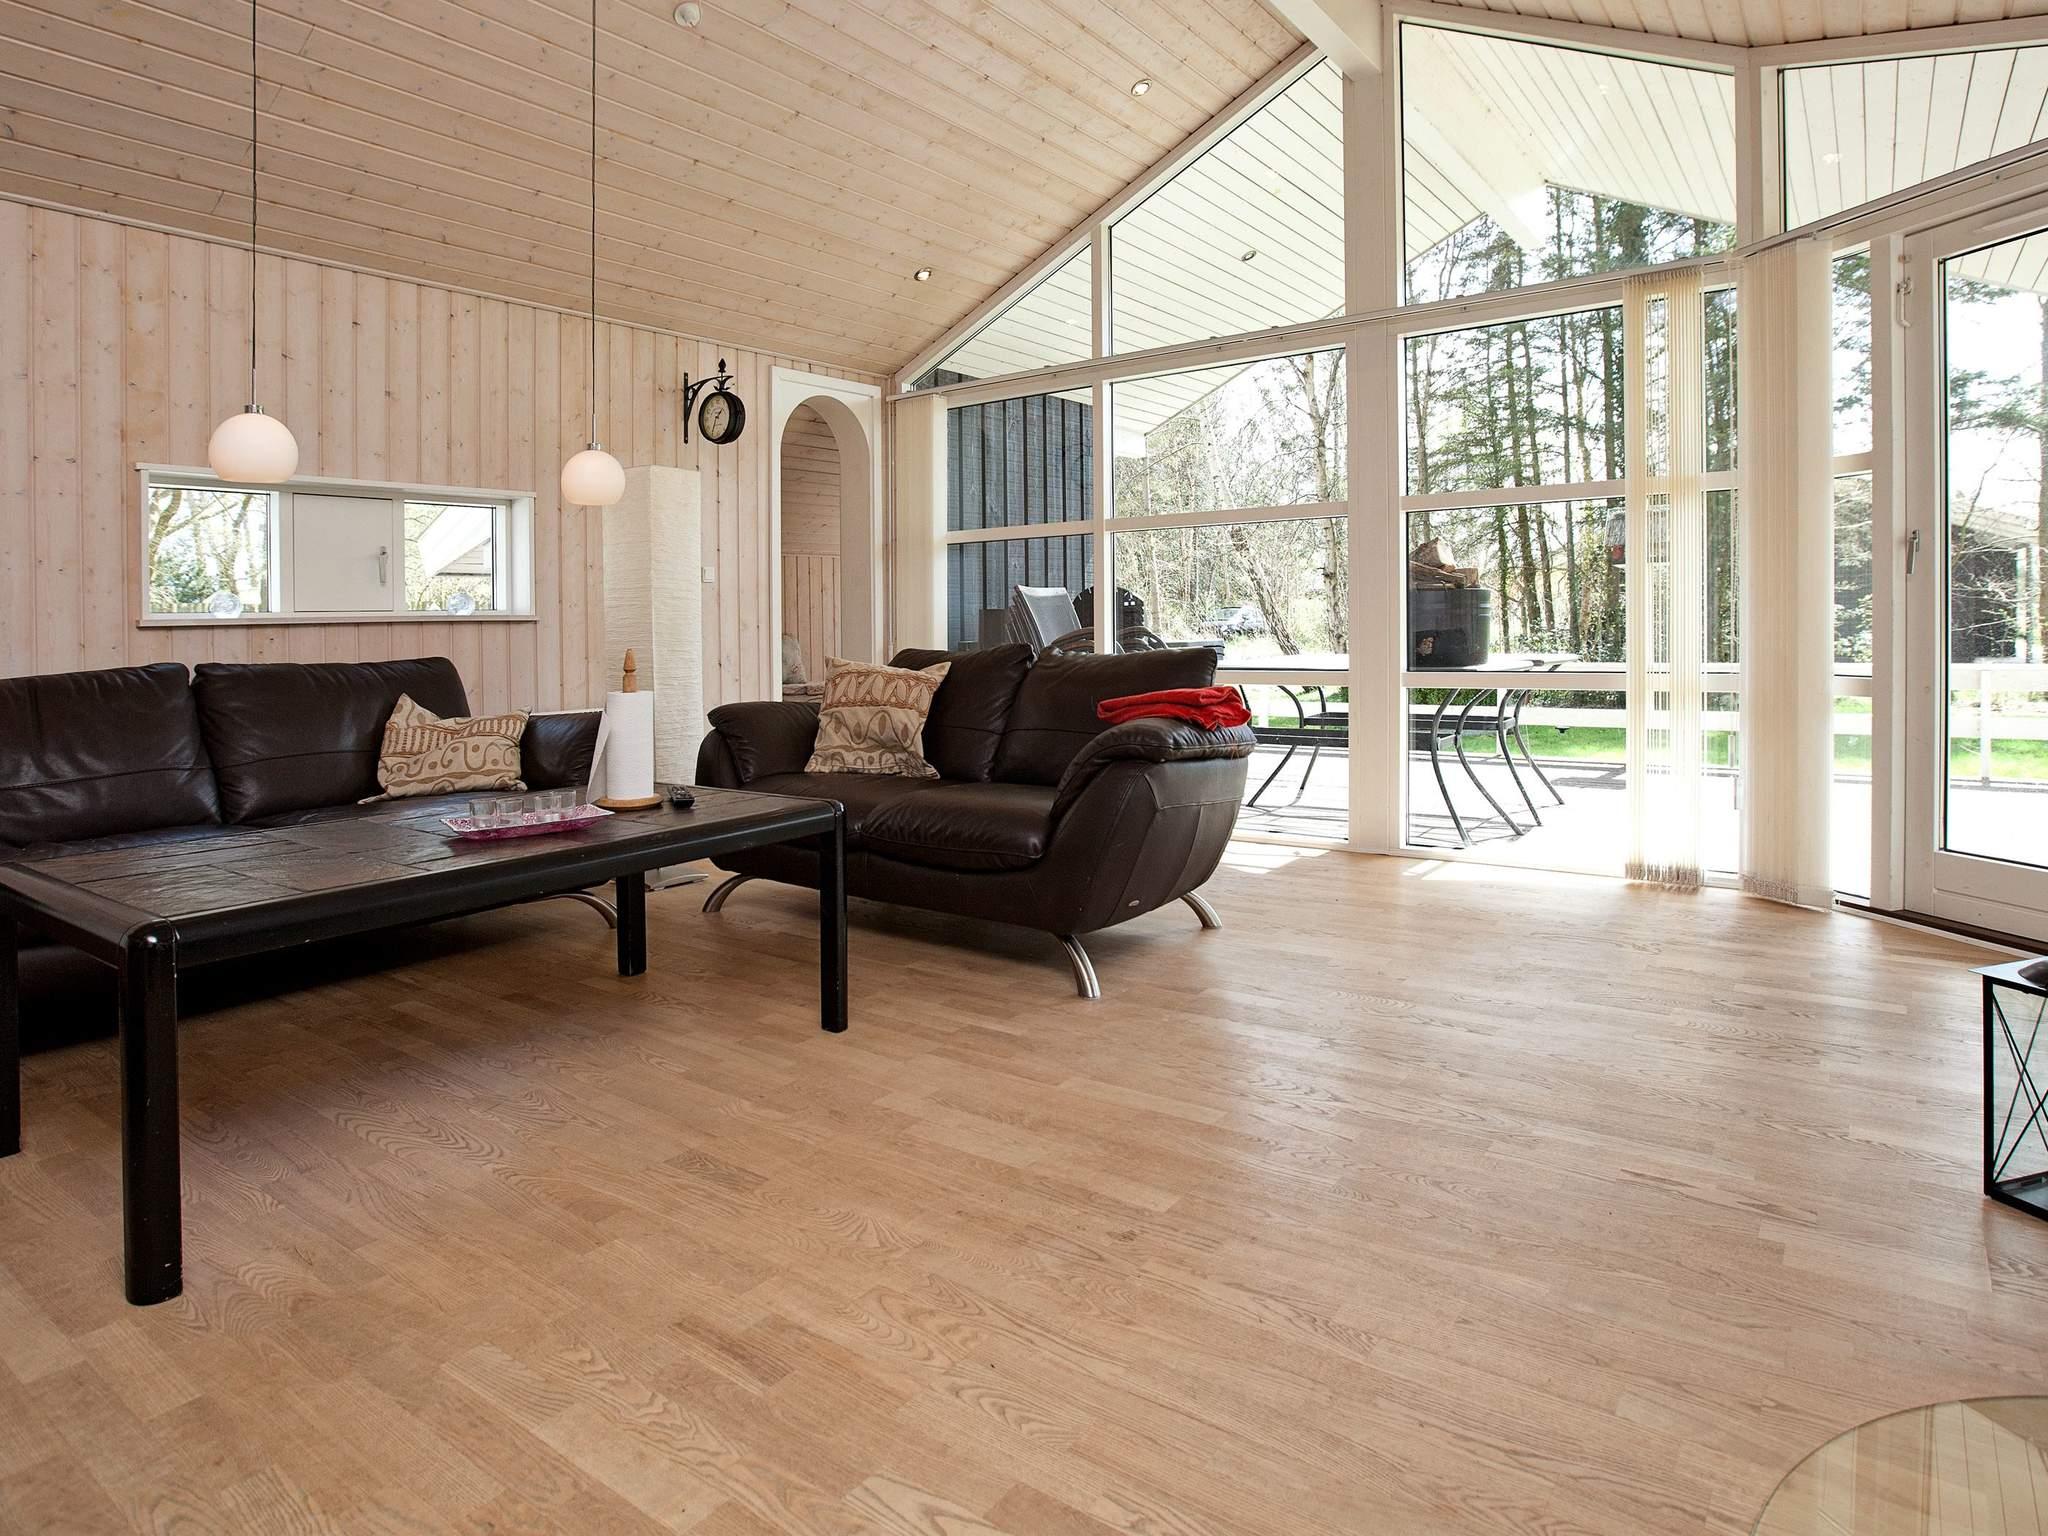 Ferienhaus Bjerge Strand (208413), Gørlev, , Westseeland, Dänemark, Bild 6